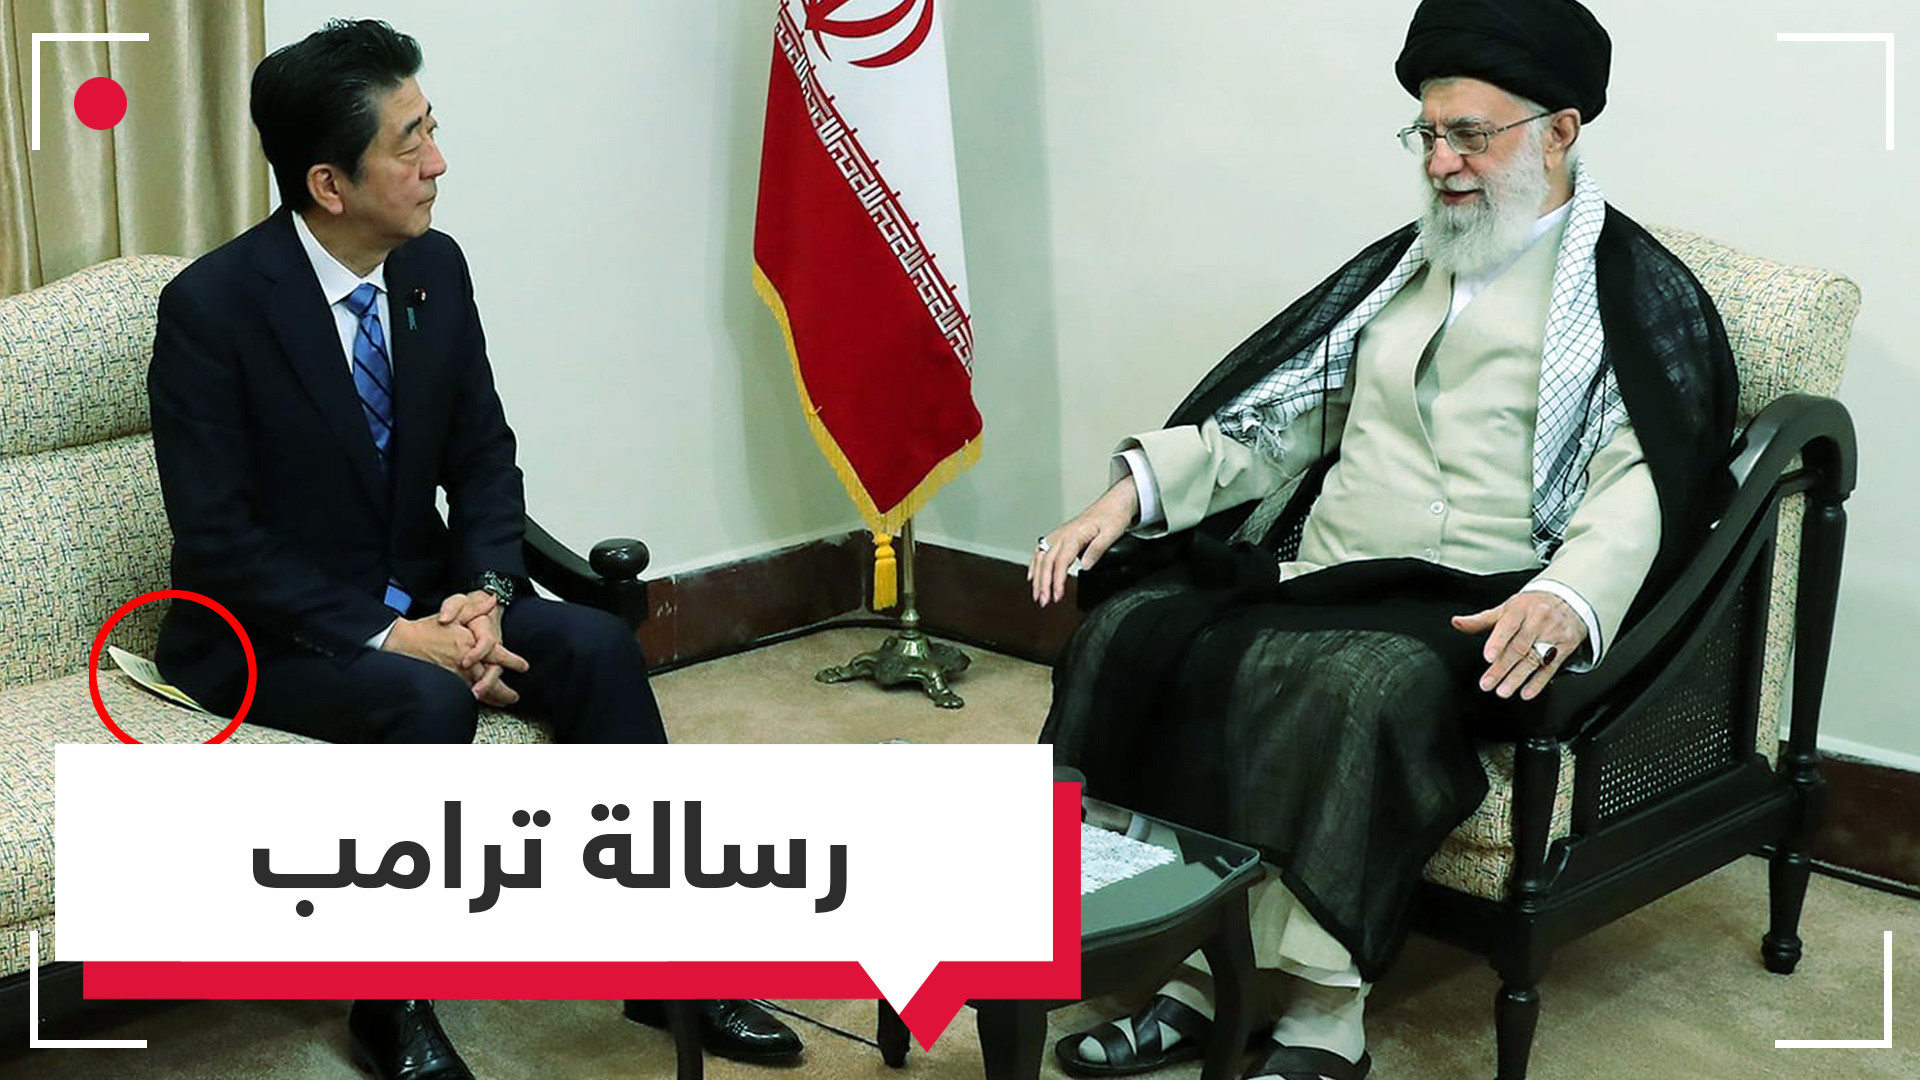 """حملها شينزو آبي.. رسالة """"سرية"""" من ترامب مرفوضة إيرانيا!"""